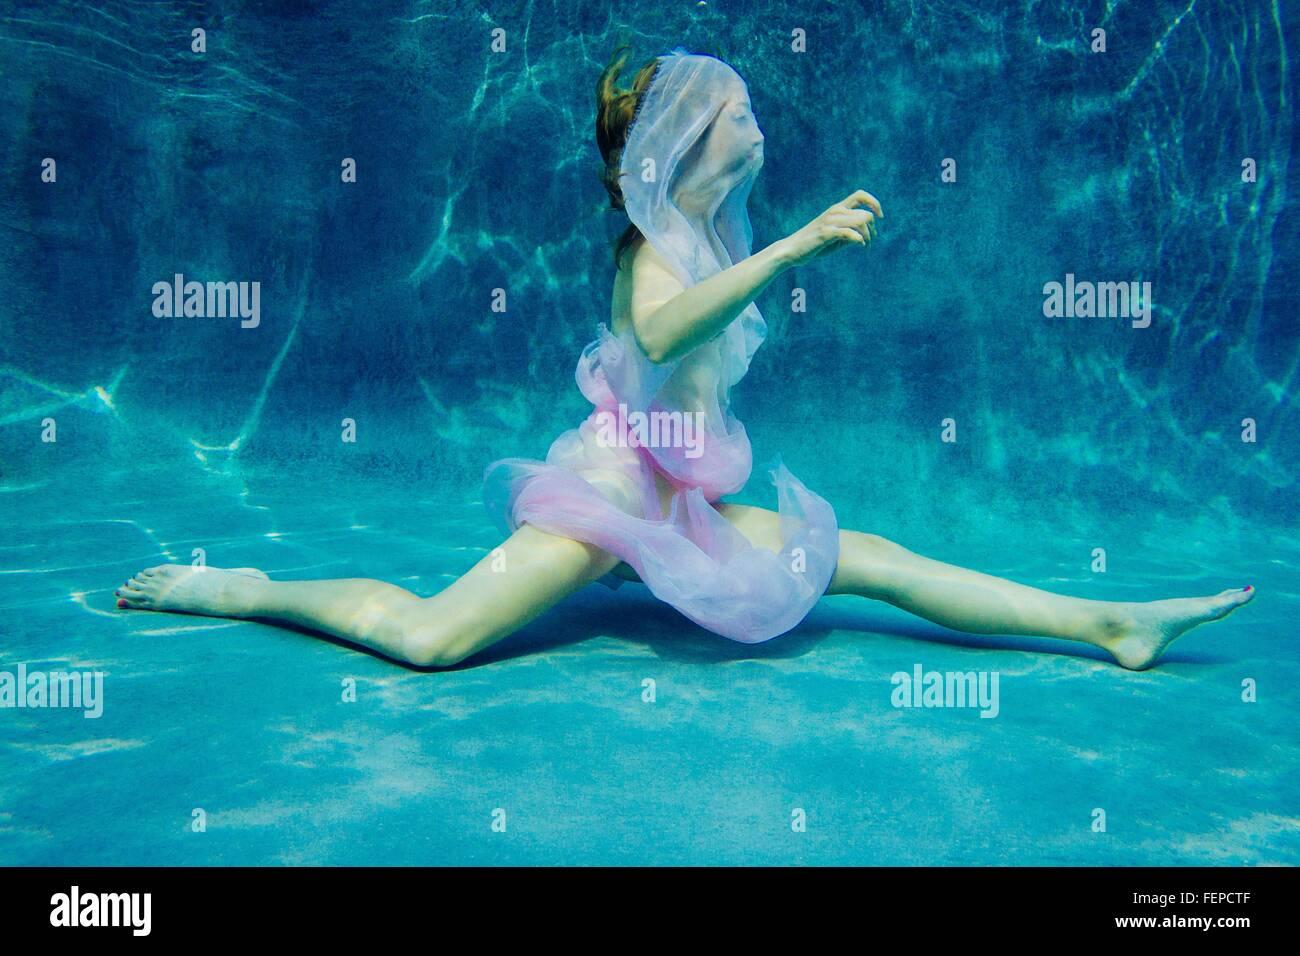 Las mujeres vestidas con tela de natación subacuática semi-desnudo Foto de stock